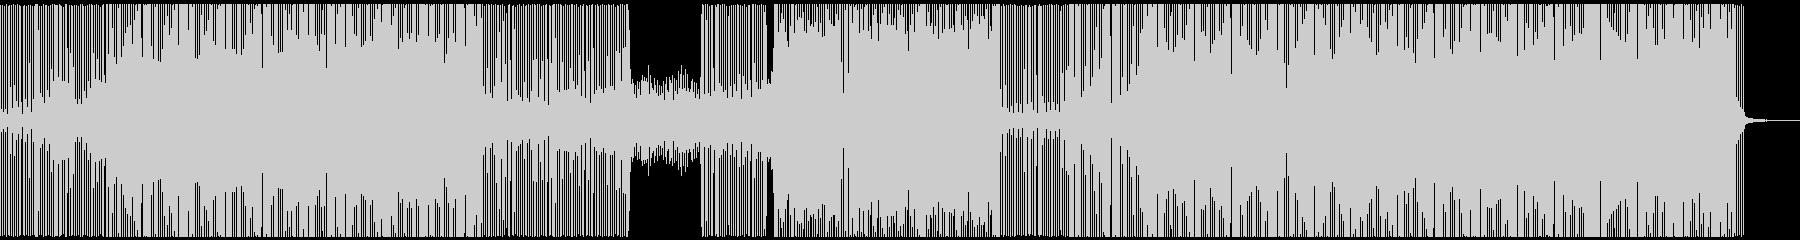 爽やかな雰囲気のテクノ・トランスBGMの未再生の波形